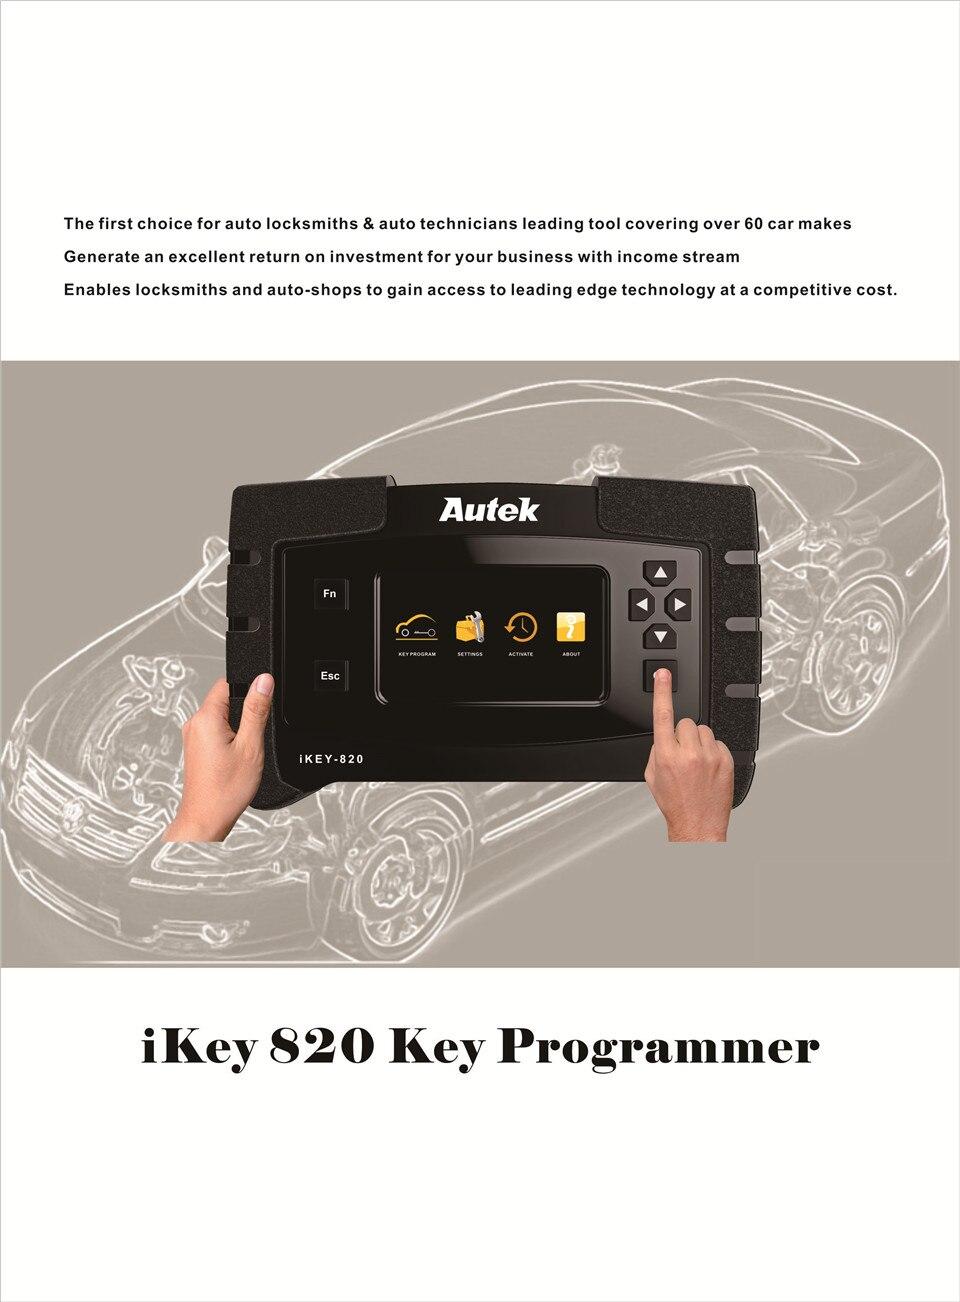 Autek IKey820 Key Programmer Catalogue-01